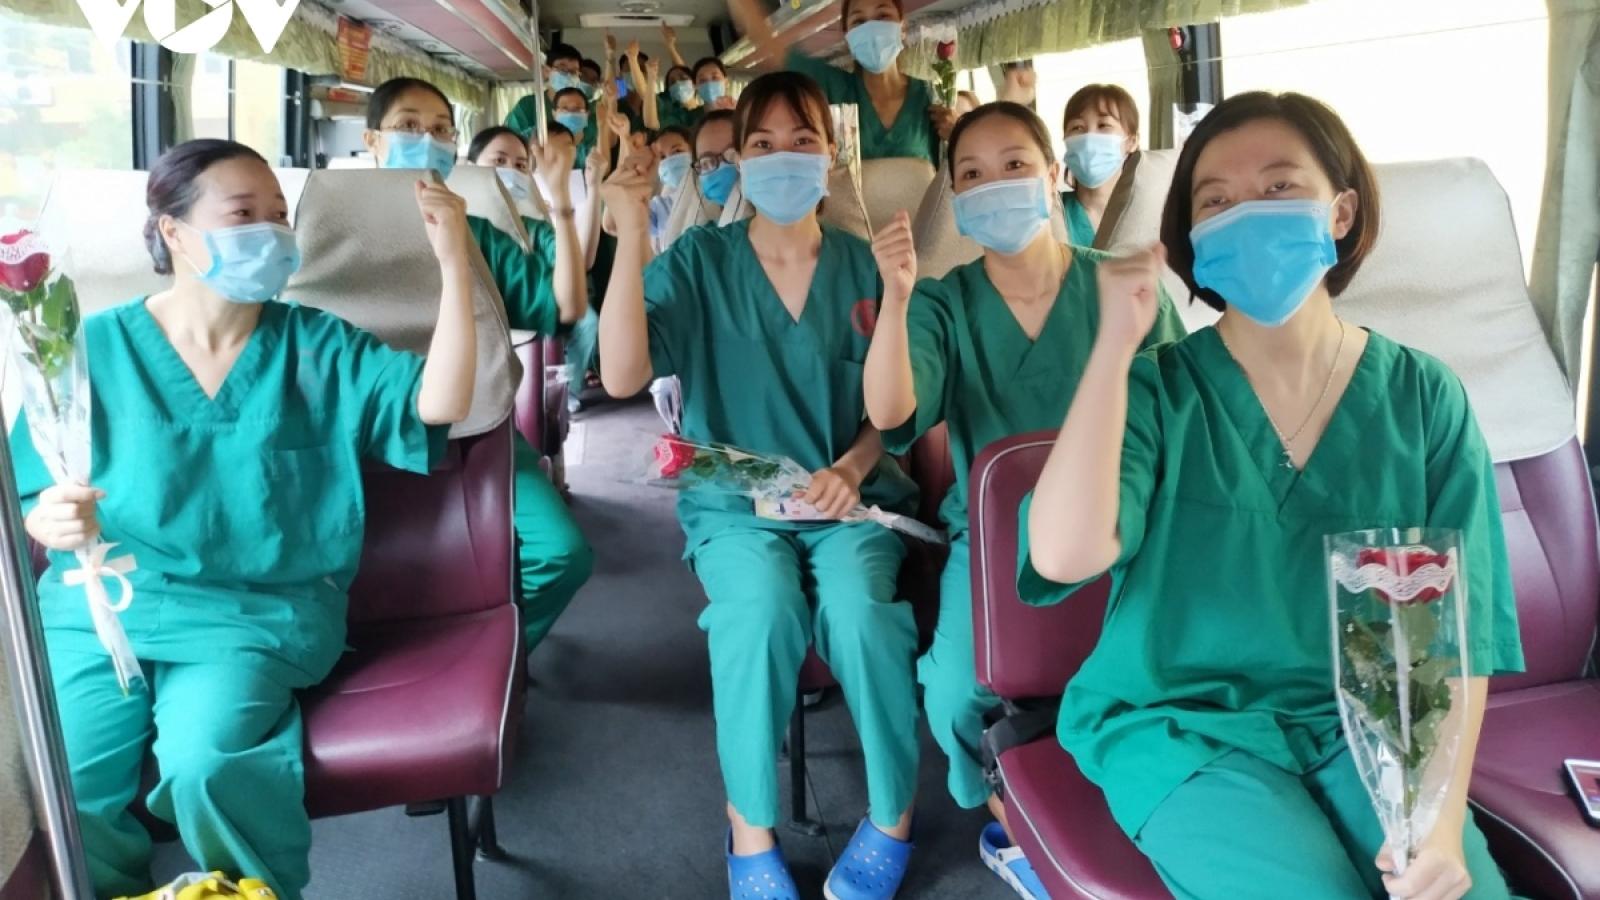 Bắc Ninh hỗ trợ 6 tỷ đồng cho 5 tỉnh, thành phố có diễn biến dịch Covid-19 phức tạp